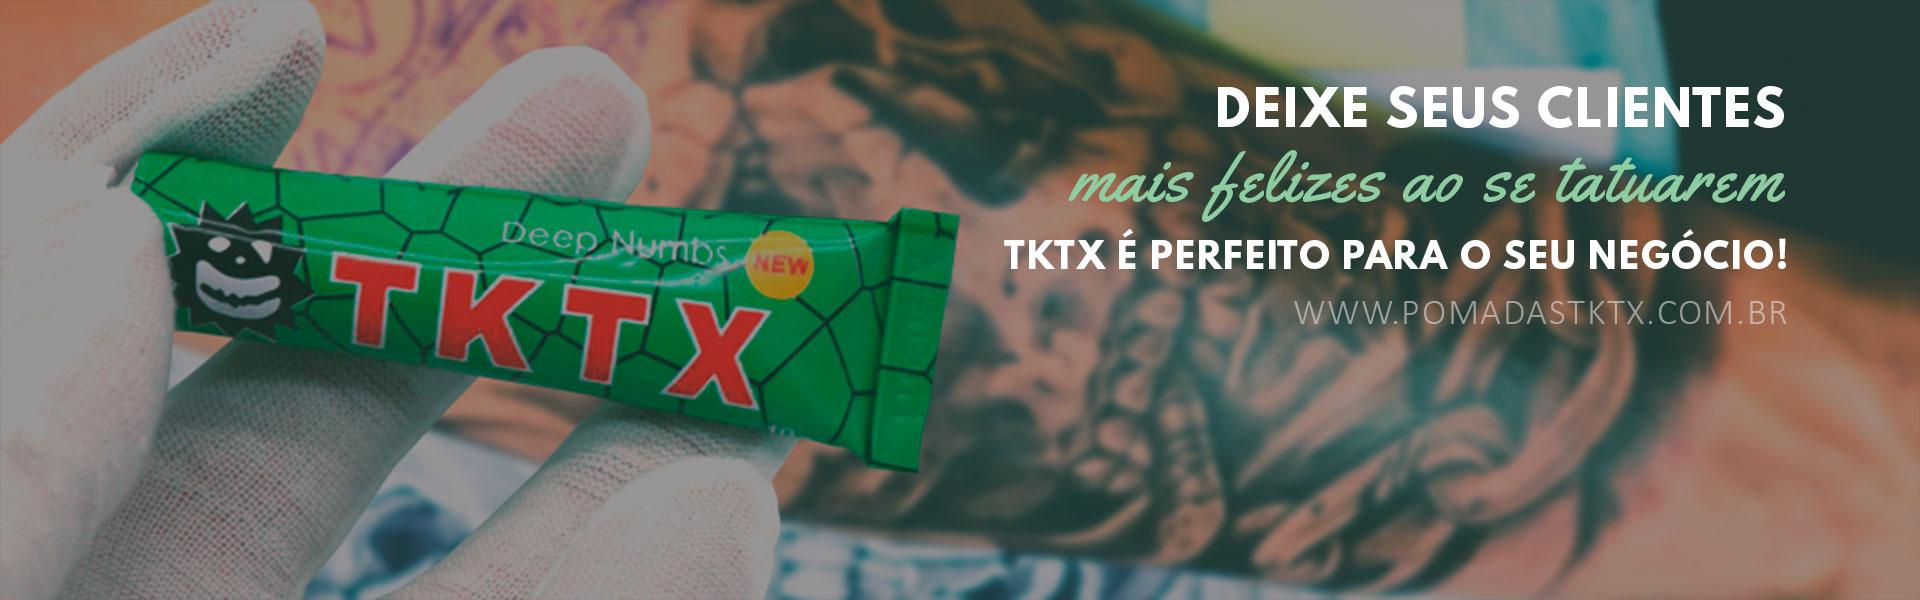 TKTX banner 1